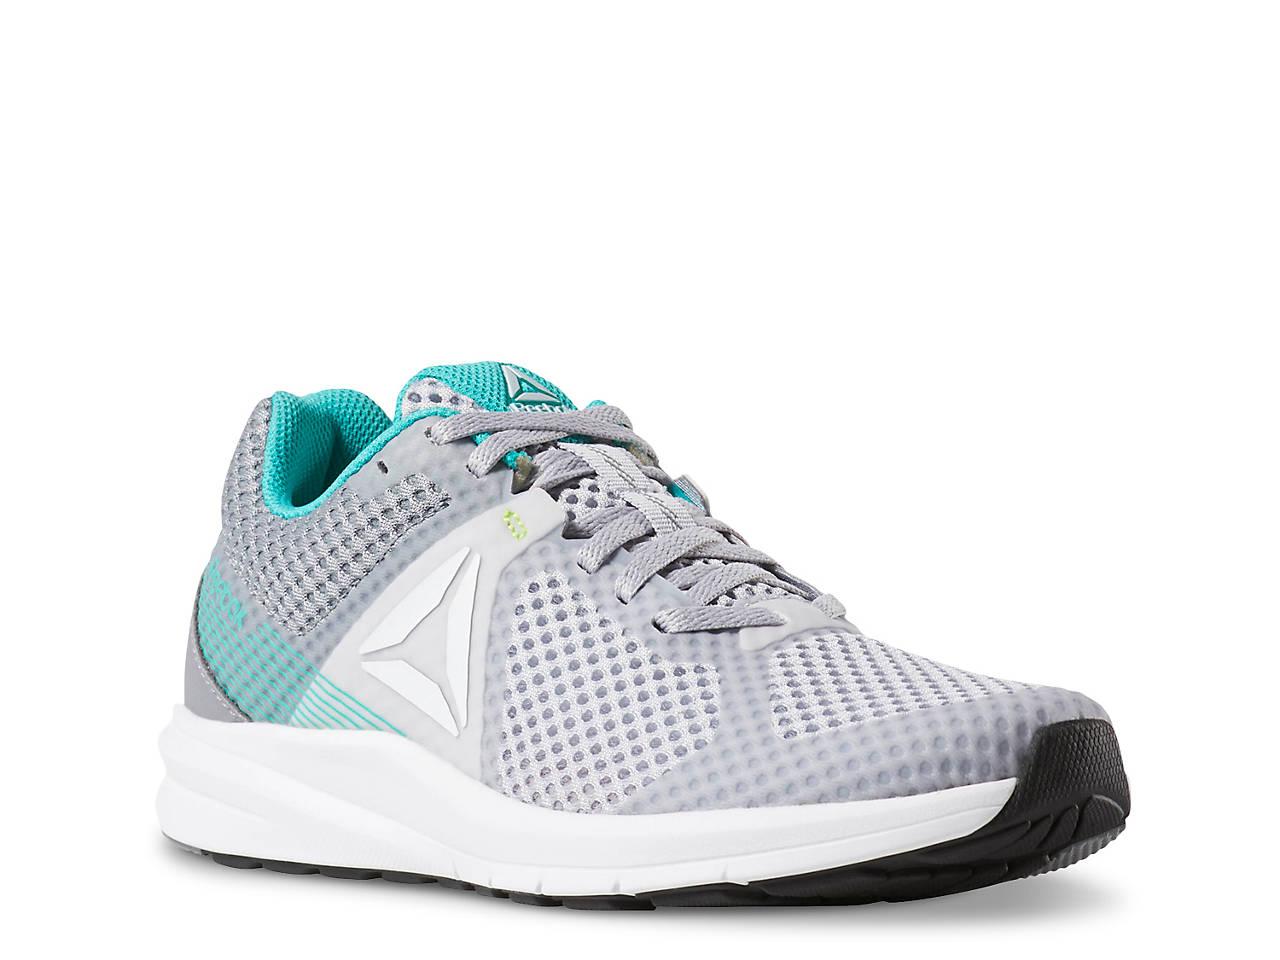 1f71ac339e566e Reebok Endless Road Running Shoe - Women s Women s Shoes